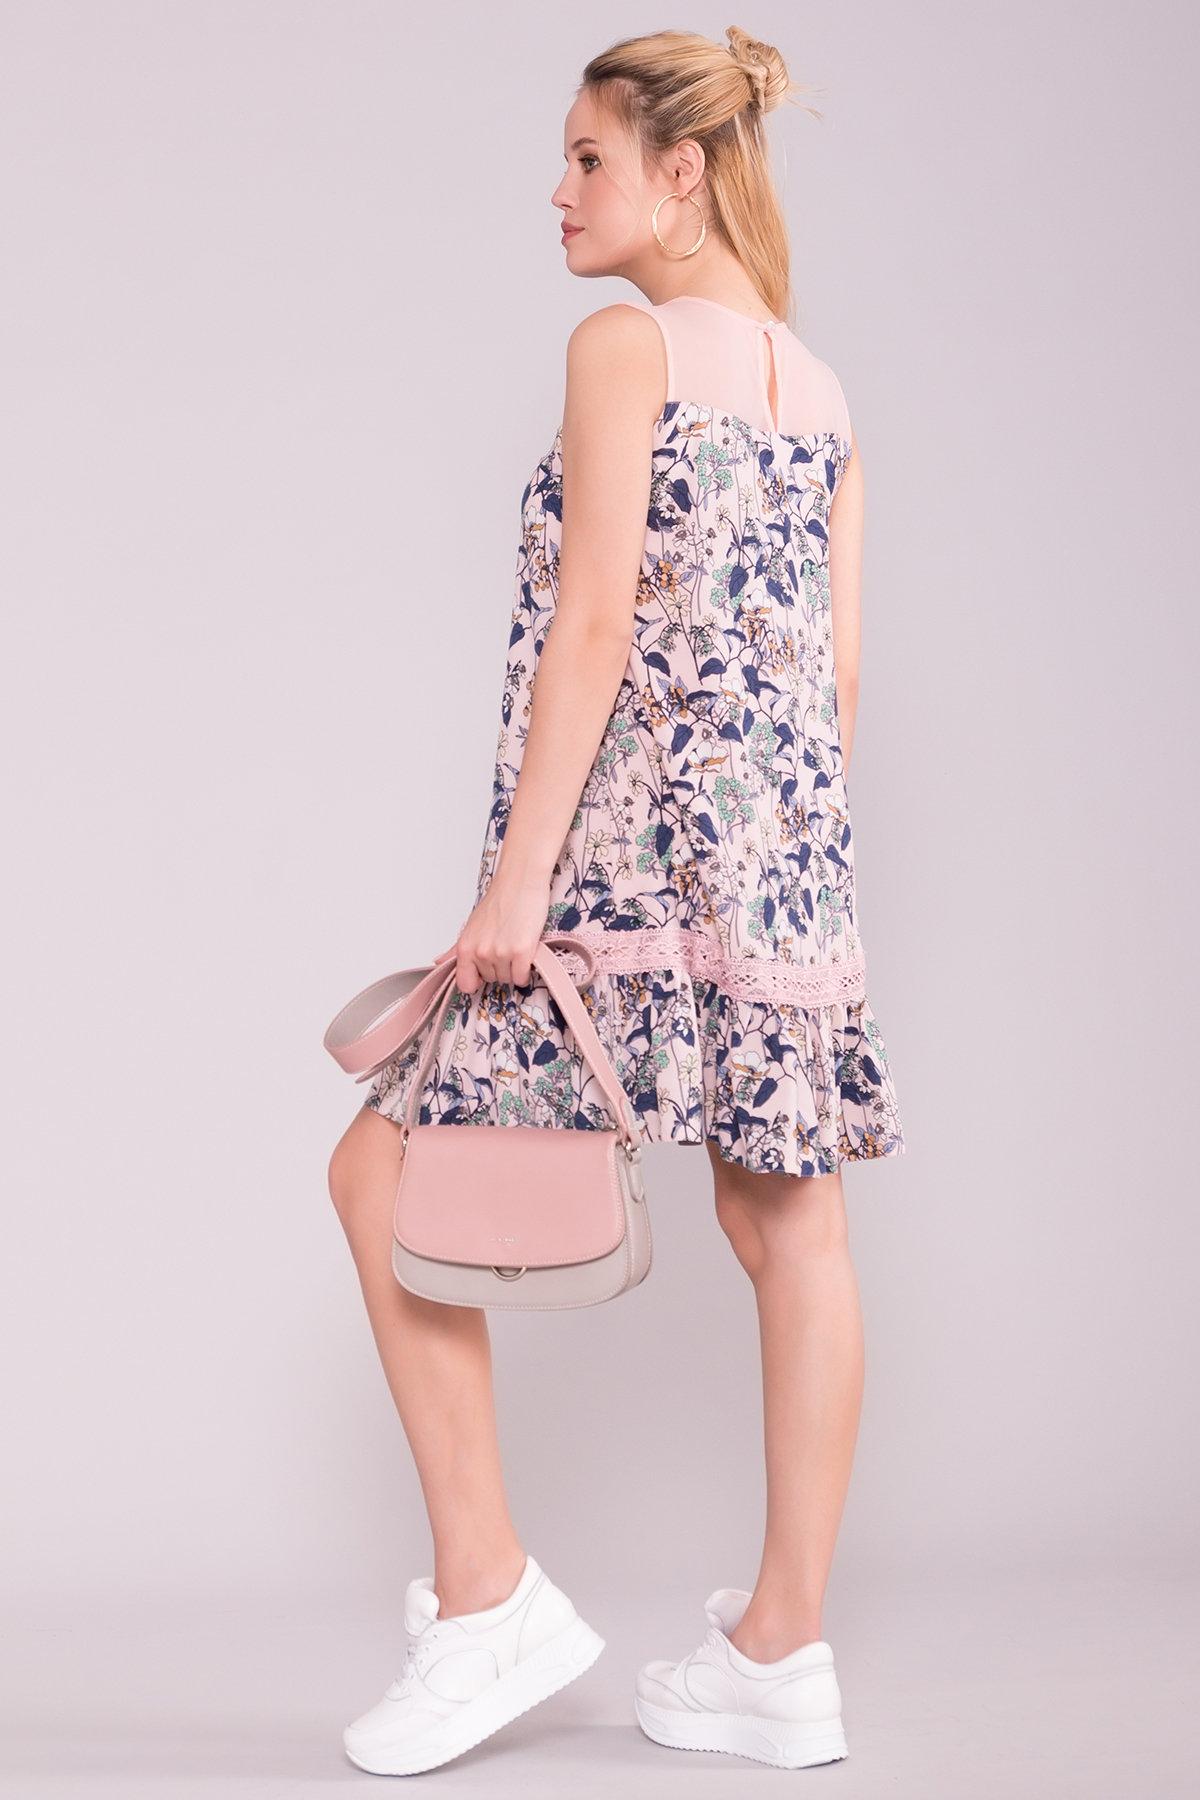 Платье Инга 7063 АРТ. 43066 Цвет: Абстрак цветы/пудра - фото 2, интернет магазин tm-modus.ru